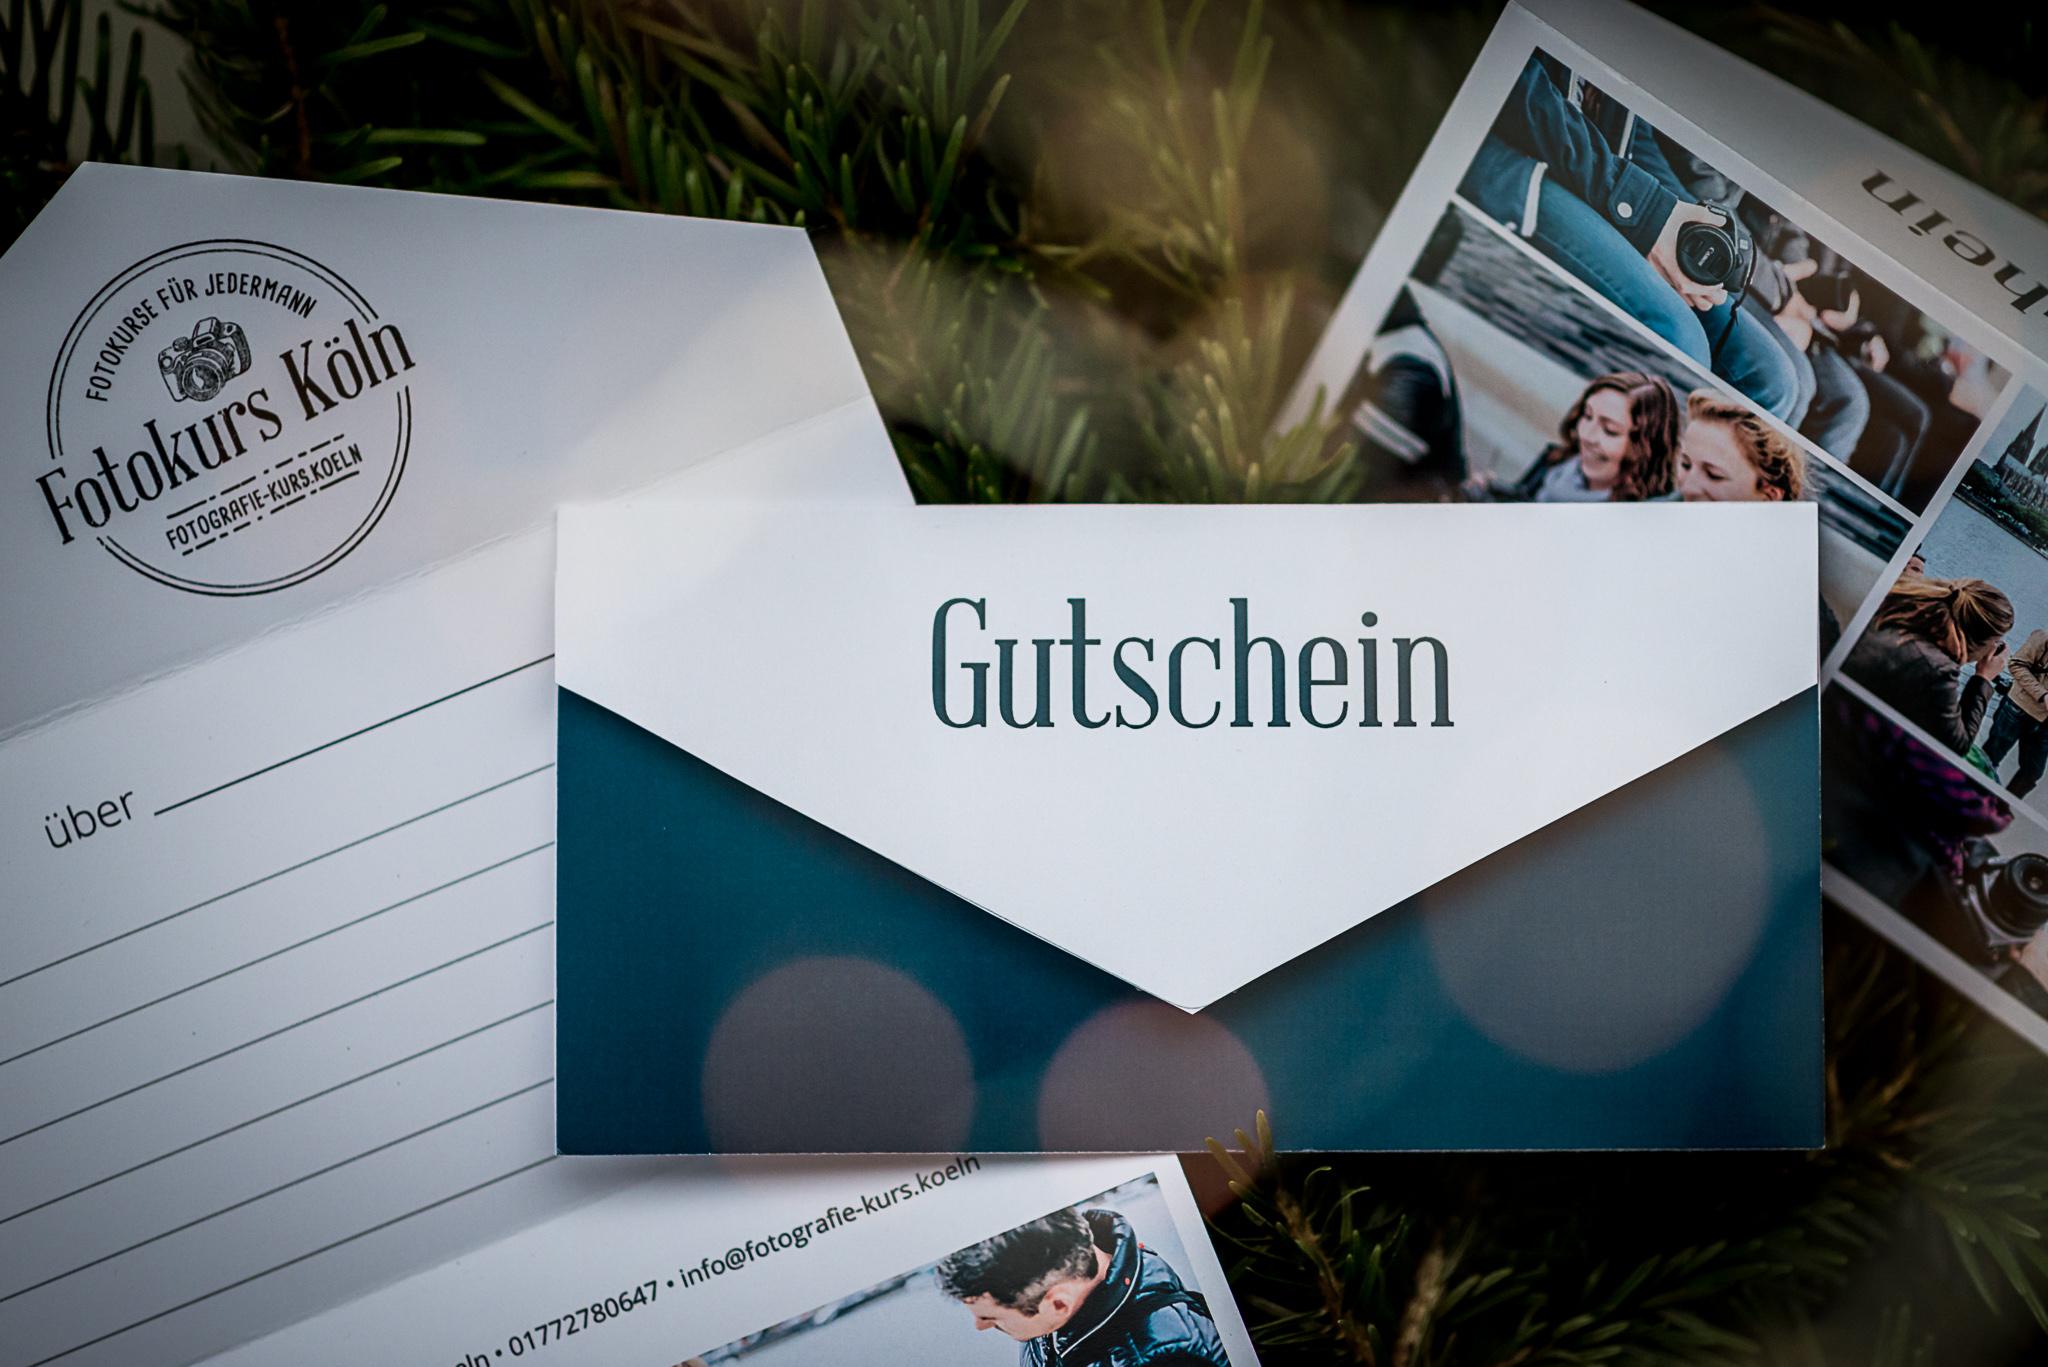 Gutschein für einen Fotoworkshop in Köln zum verschenken von Fotowissen